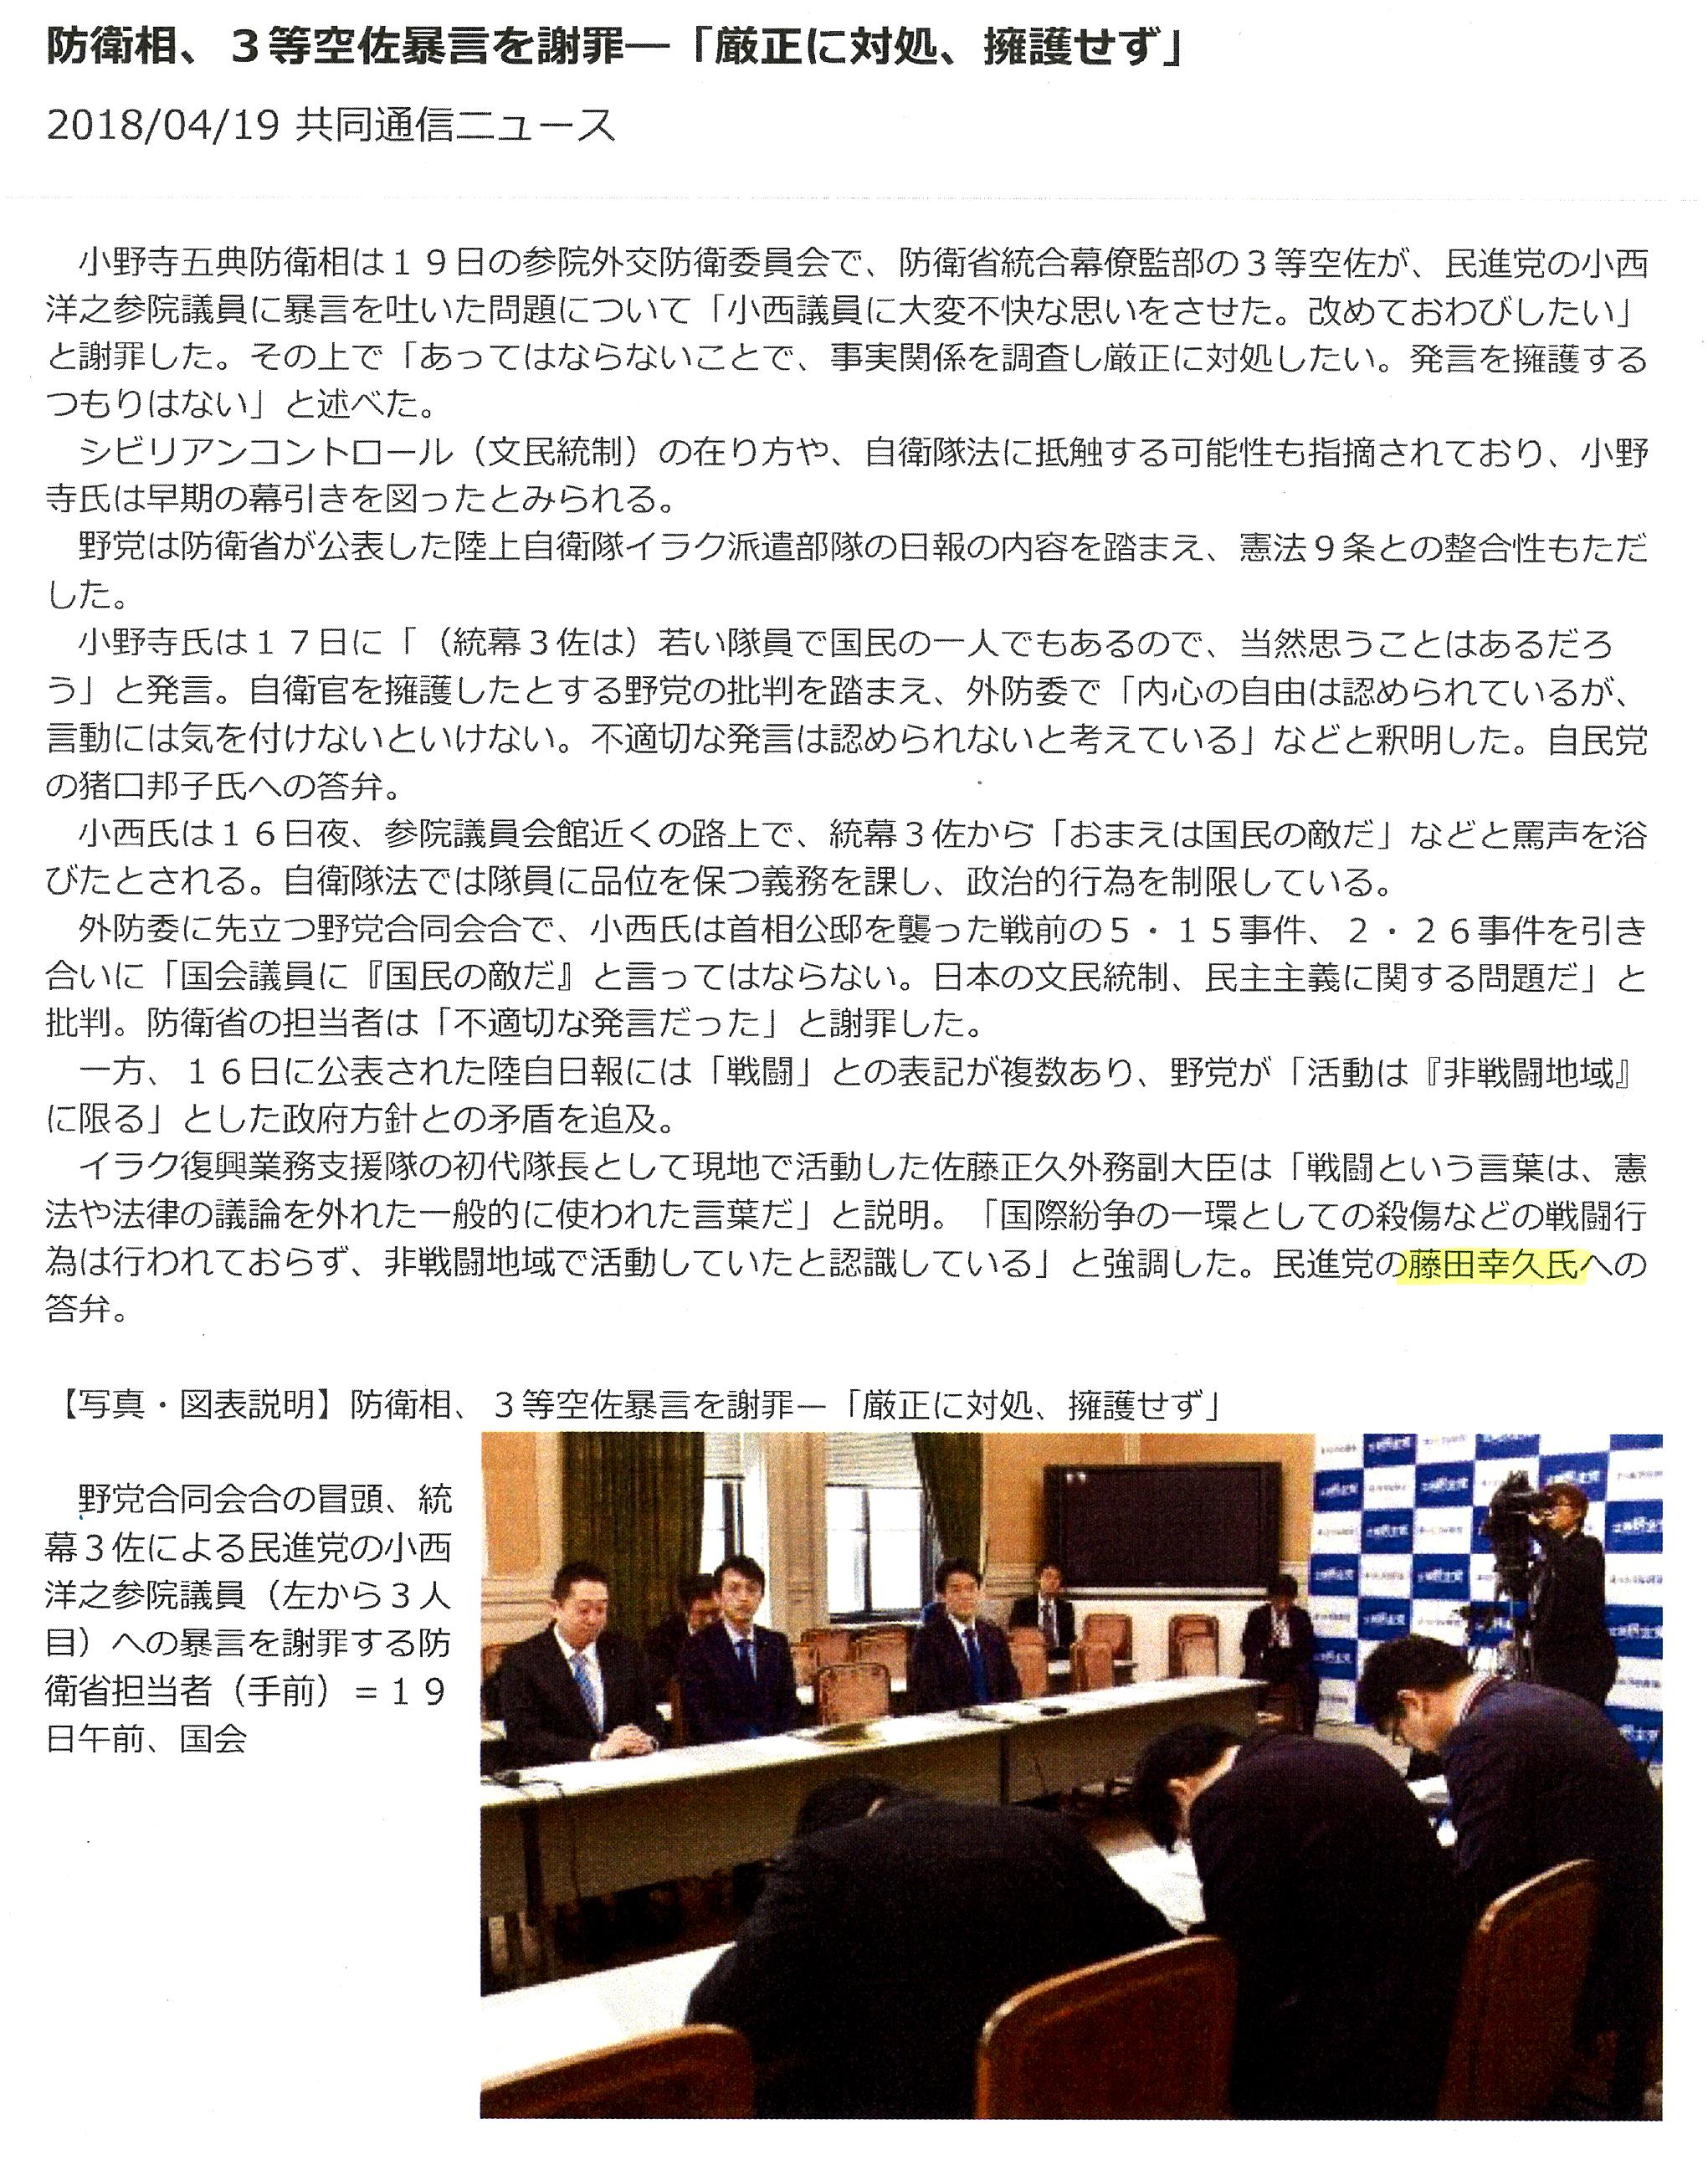 【共同通信ニュース】防衛相、3等空佐暴言を謝罪 「厳正に対処、擁護せず」